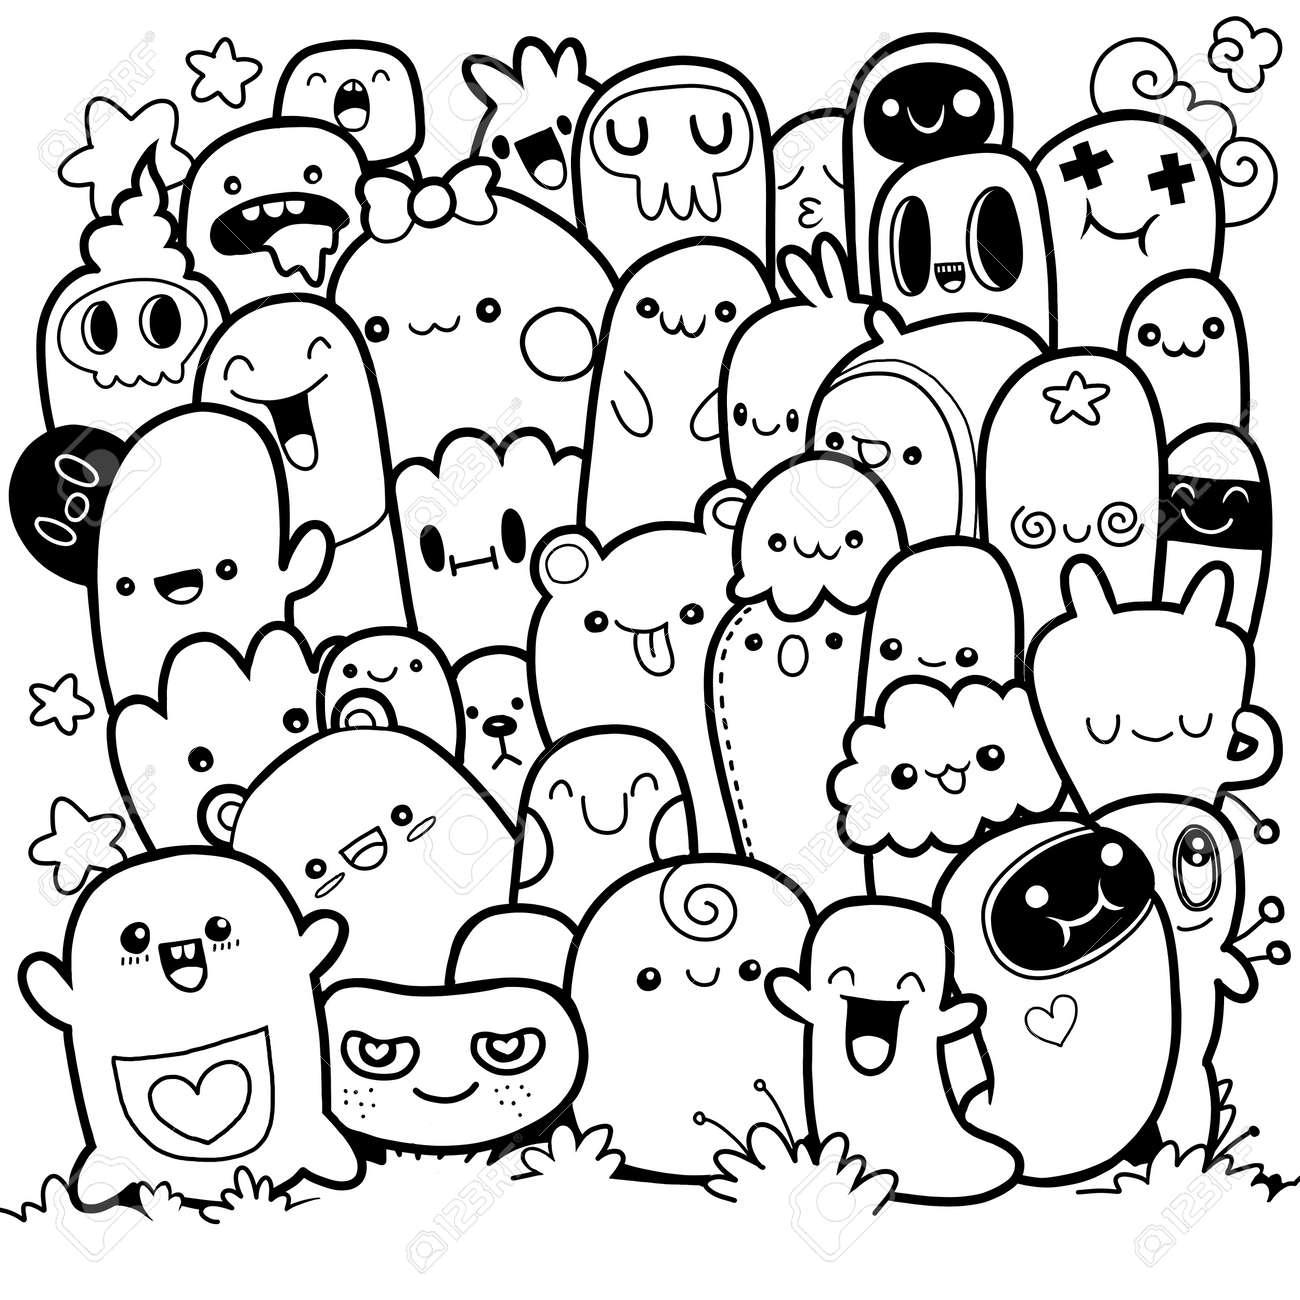 Monstruos Divertidos Patrón Lindo Monstruo Para Colorear Libro Fondo Blanco Y Negro Ilustración Vectorial